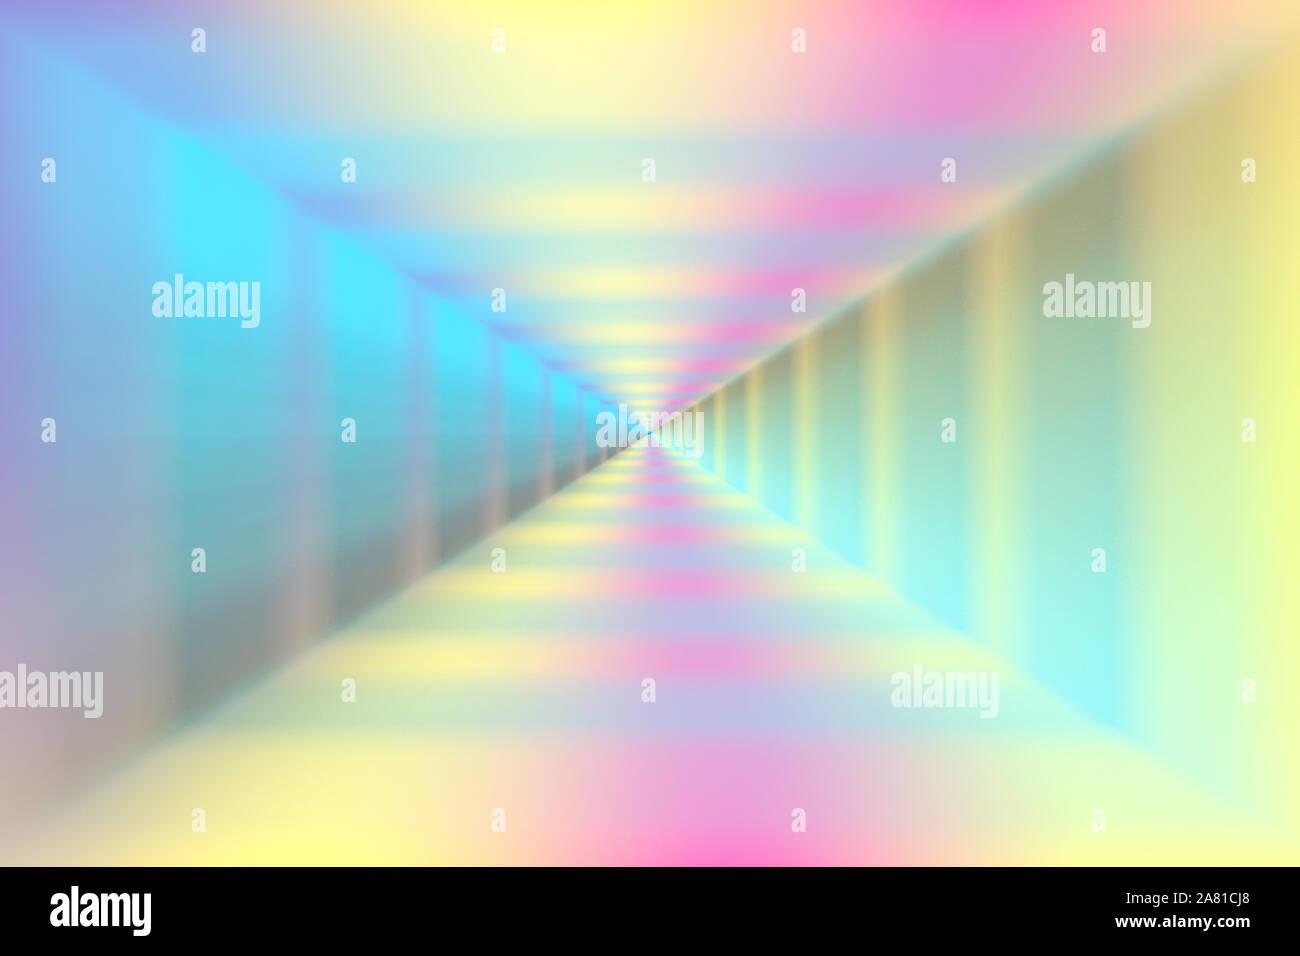 Un resumen de color pastel desenfoque de la imagen de fondo. Foto de stock